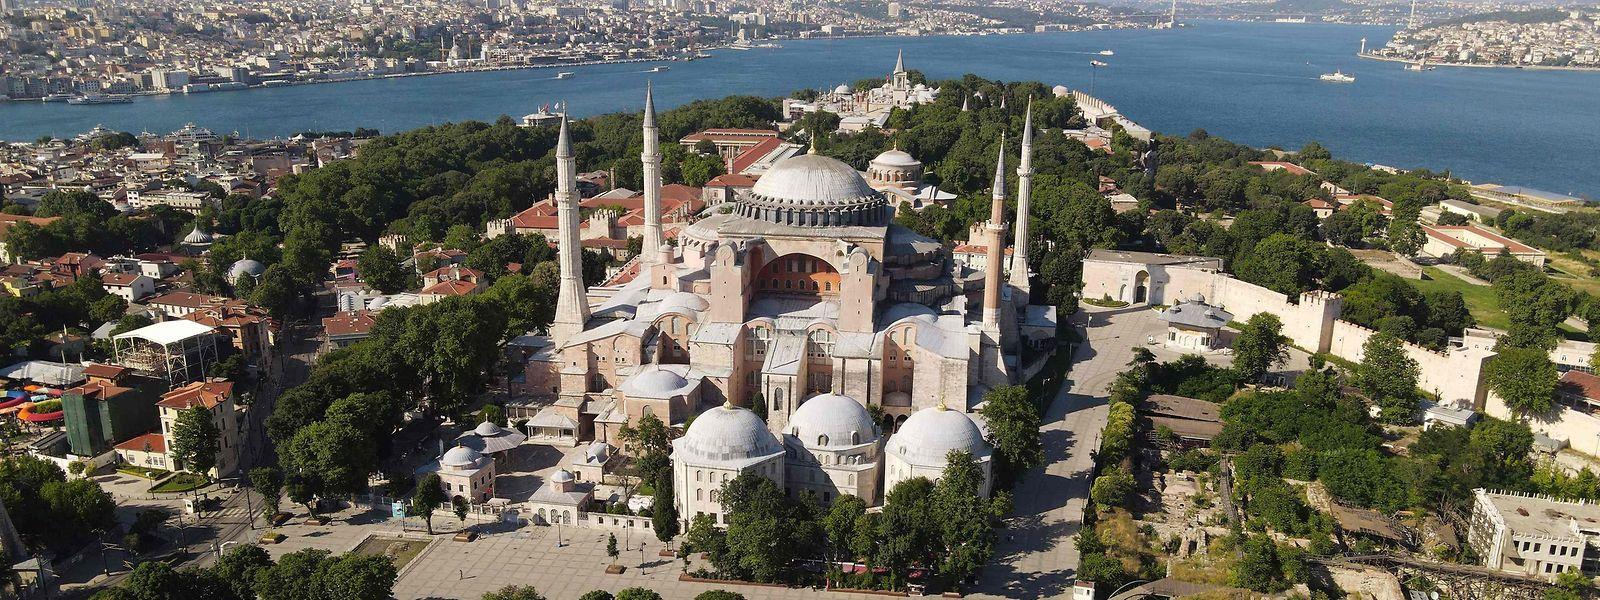 Mehr als 900 Jahre lang war die Hagia Sophia mit ihrer gewaltigen Kuppel das bedeutendste Gotteshaus der orthodoxen Christenheit und die Krönungskirche der Kaiser von Byzanz.